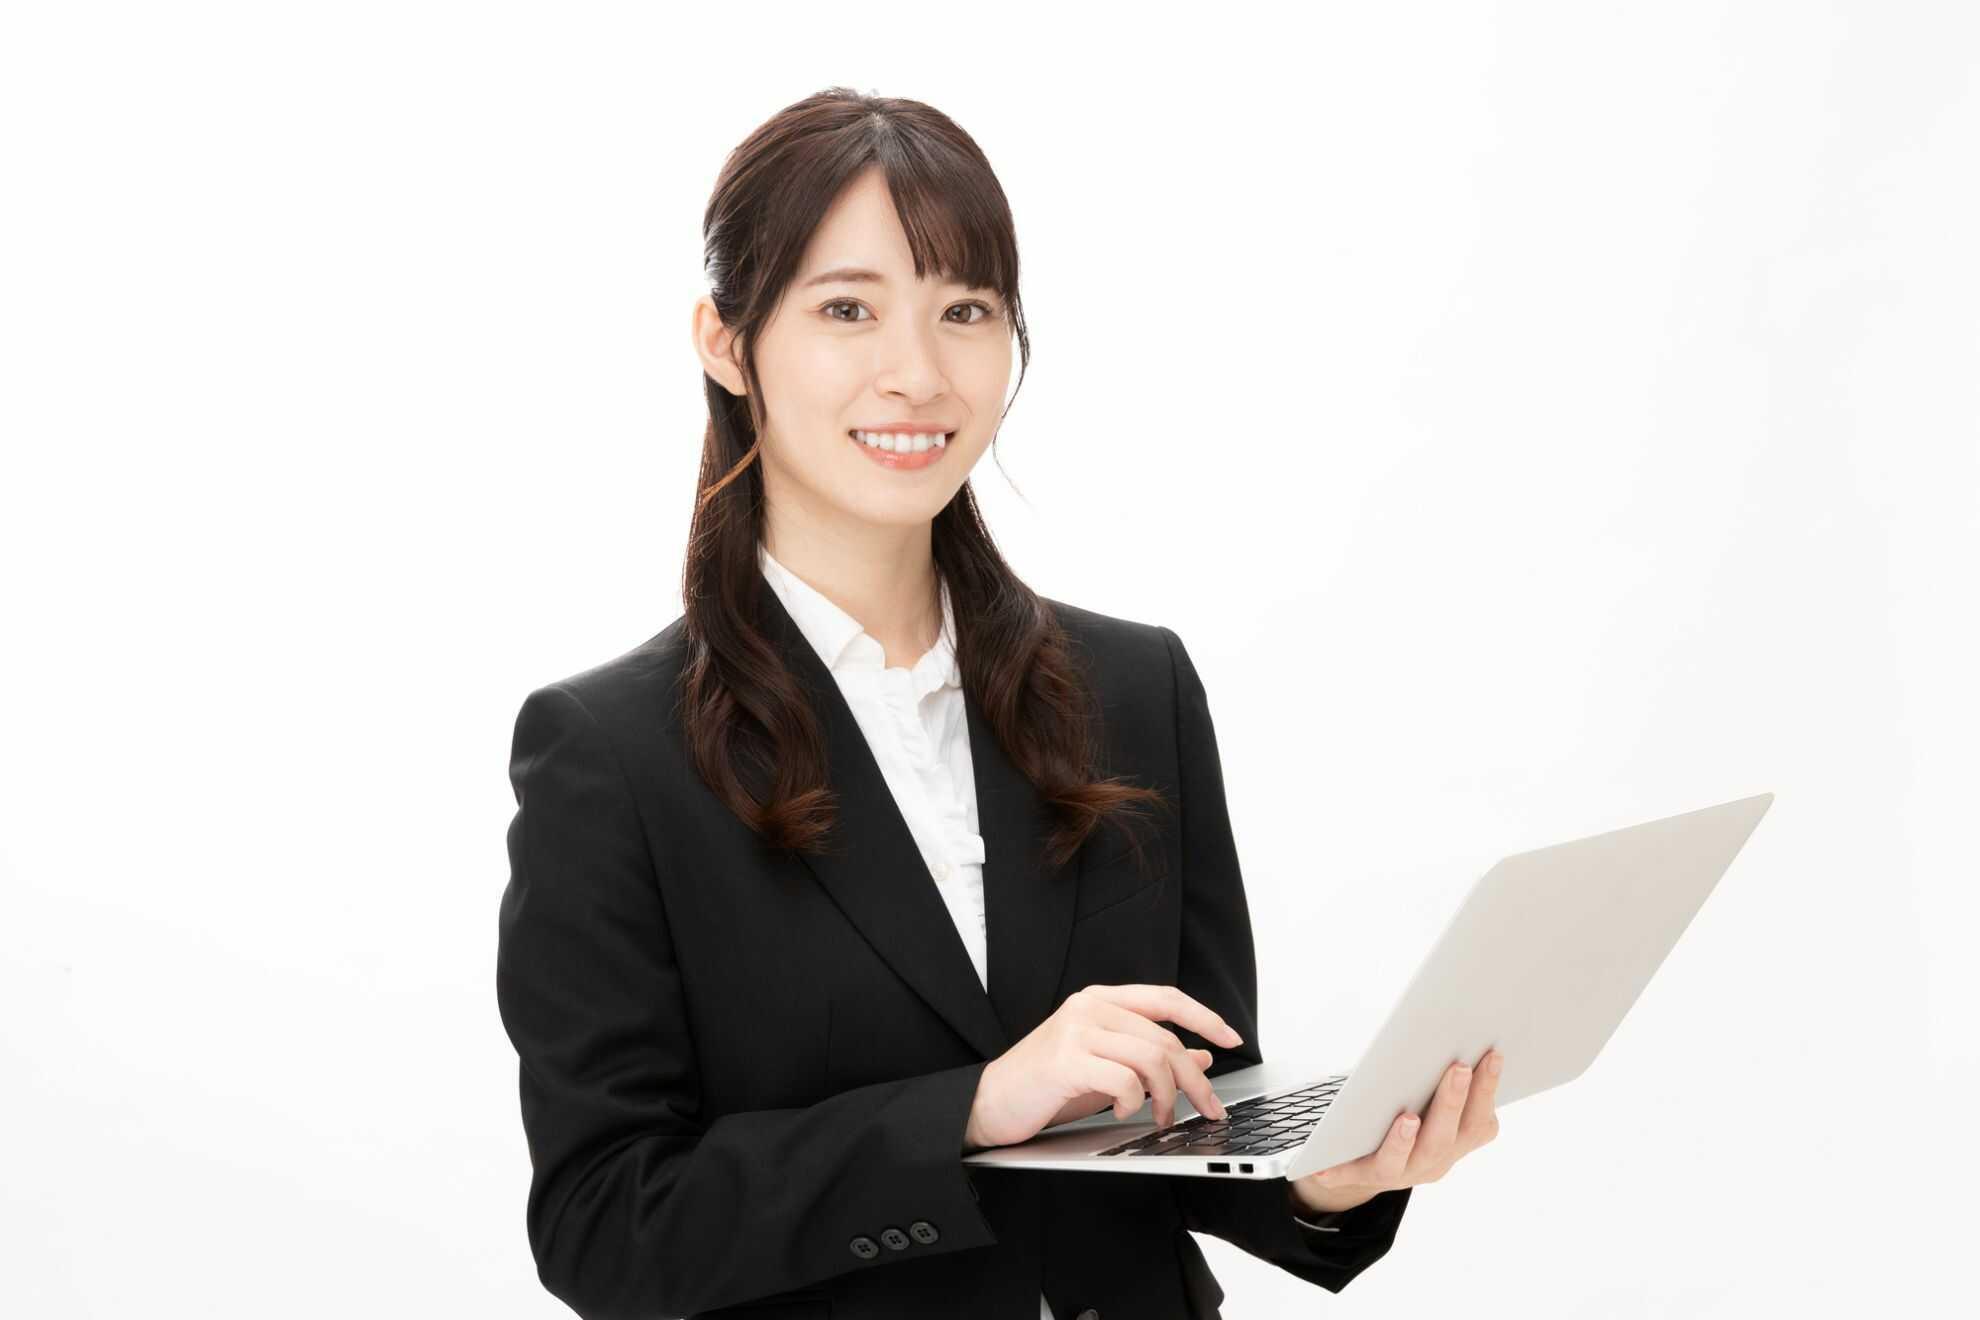 ノートパソコンを片手にこちらを見つめている女性